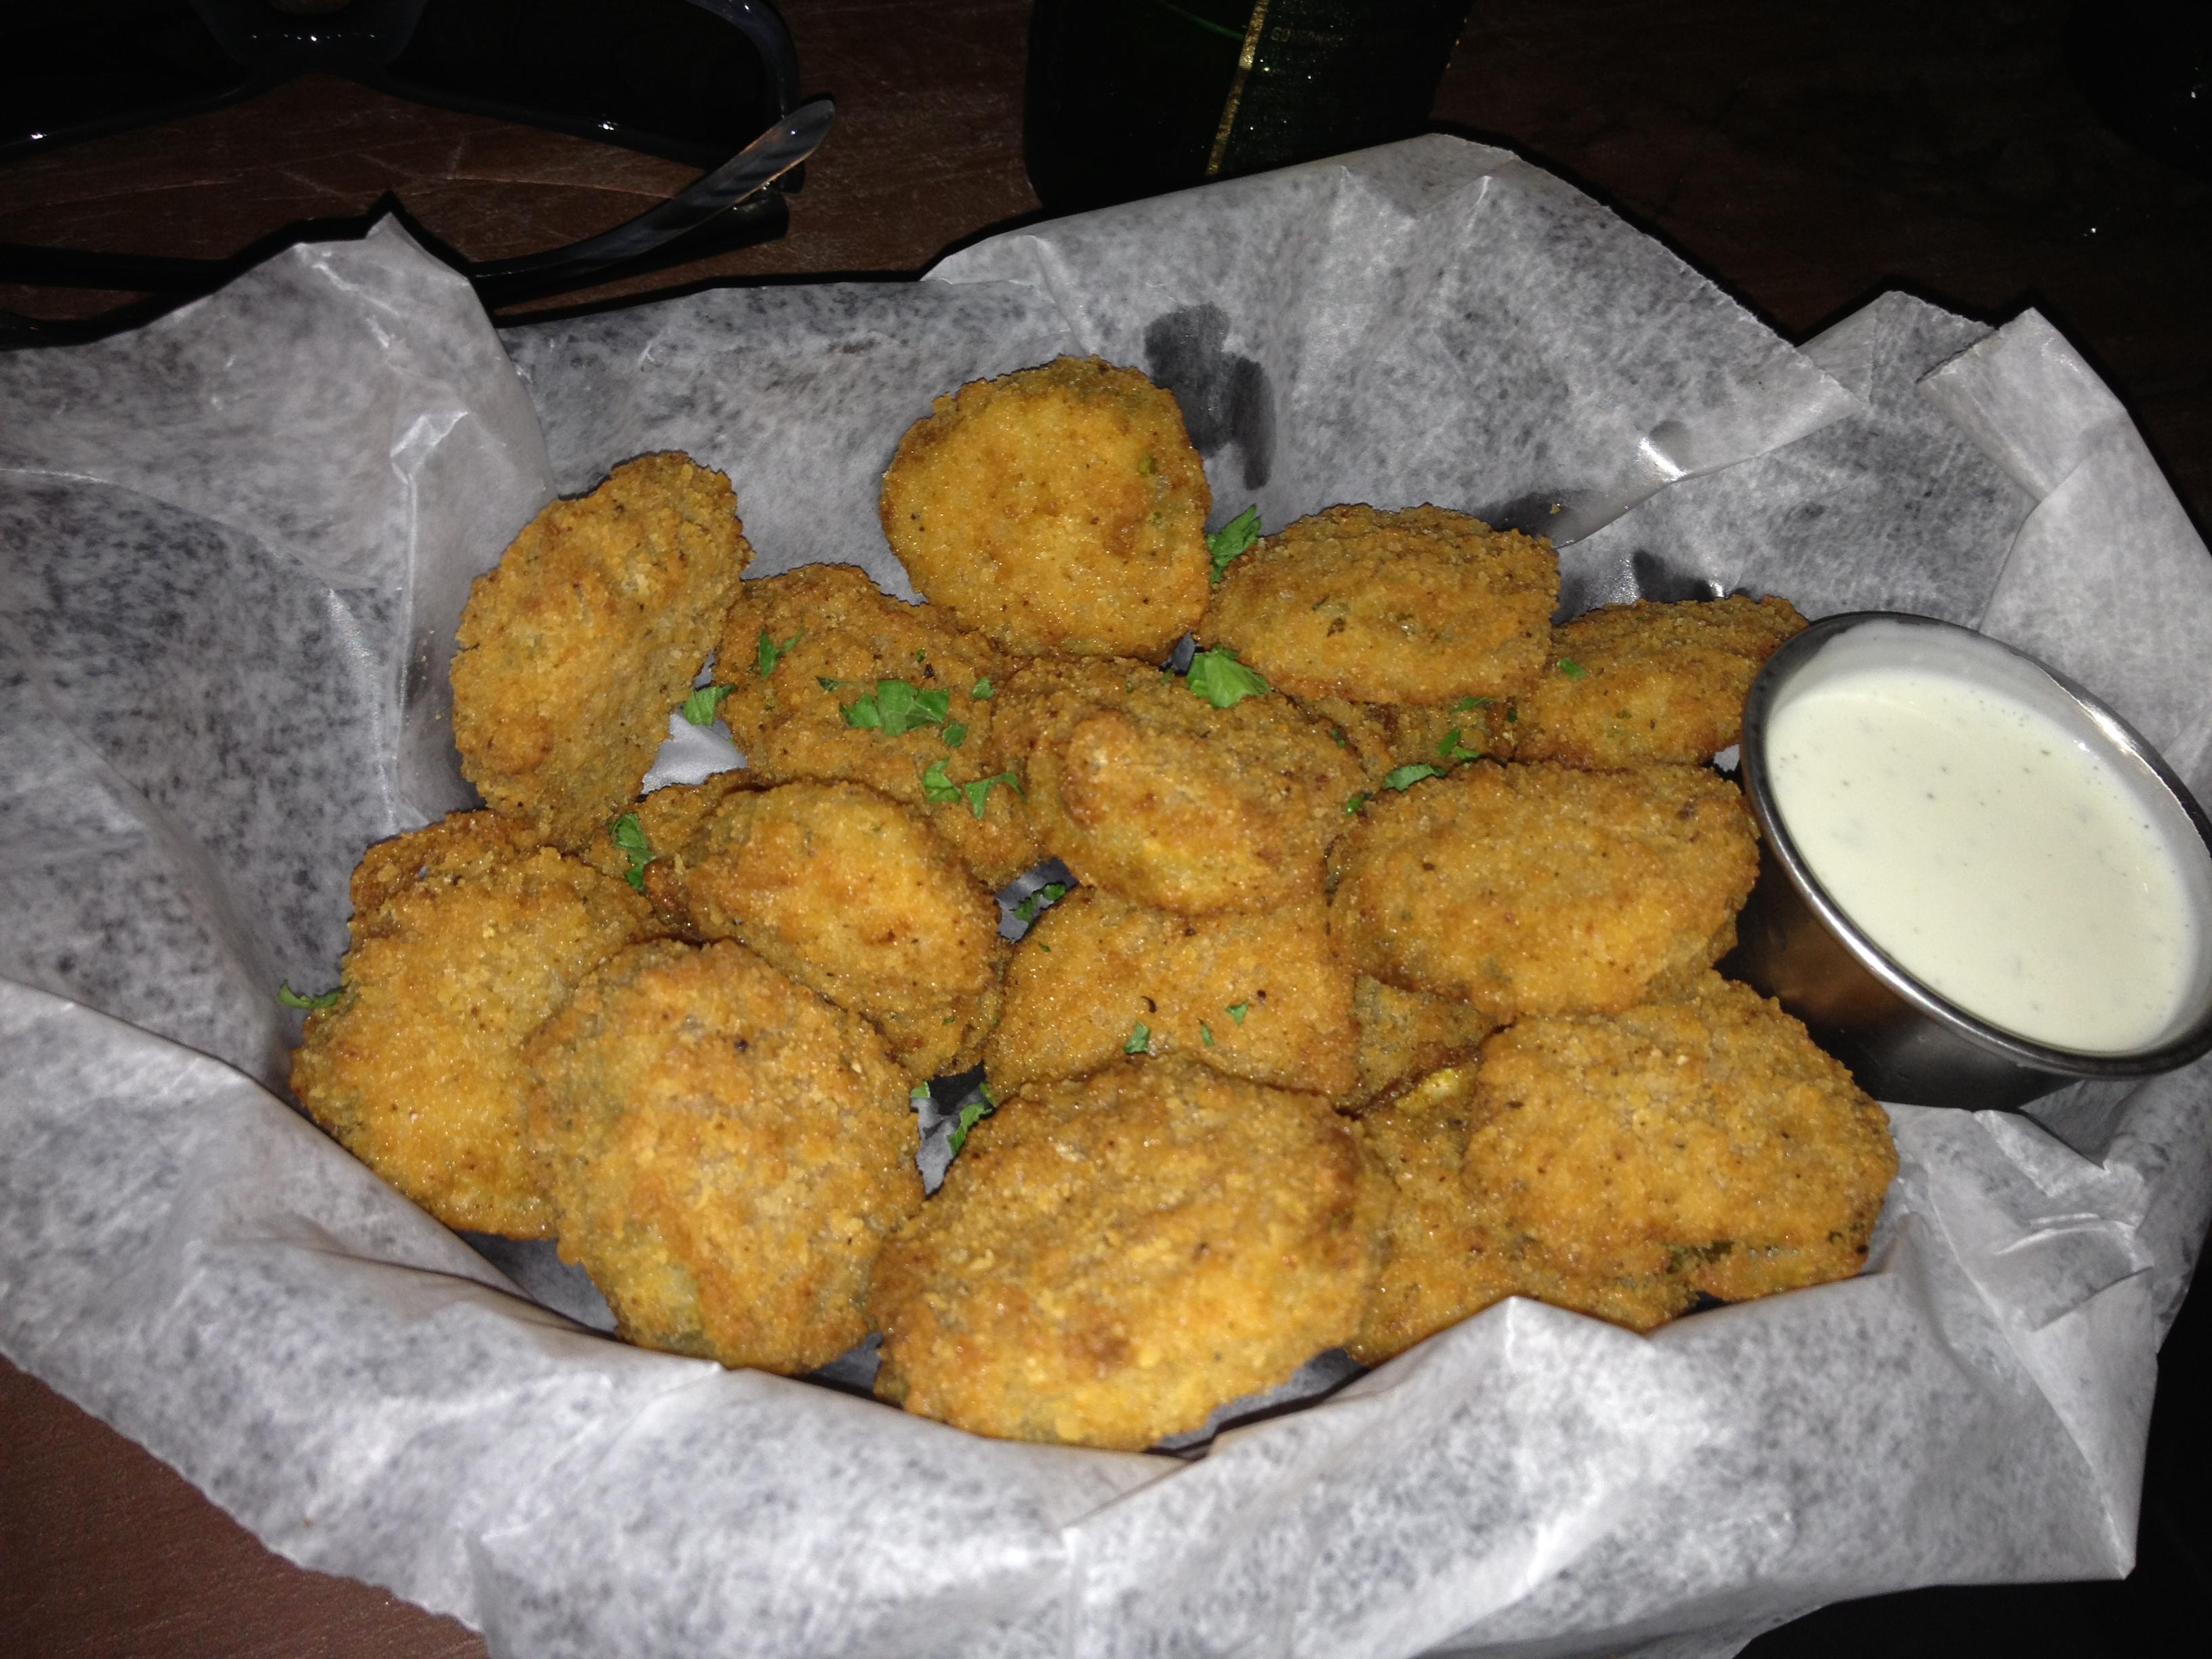 Fried Pickles at Cedar Creek